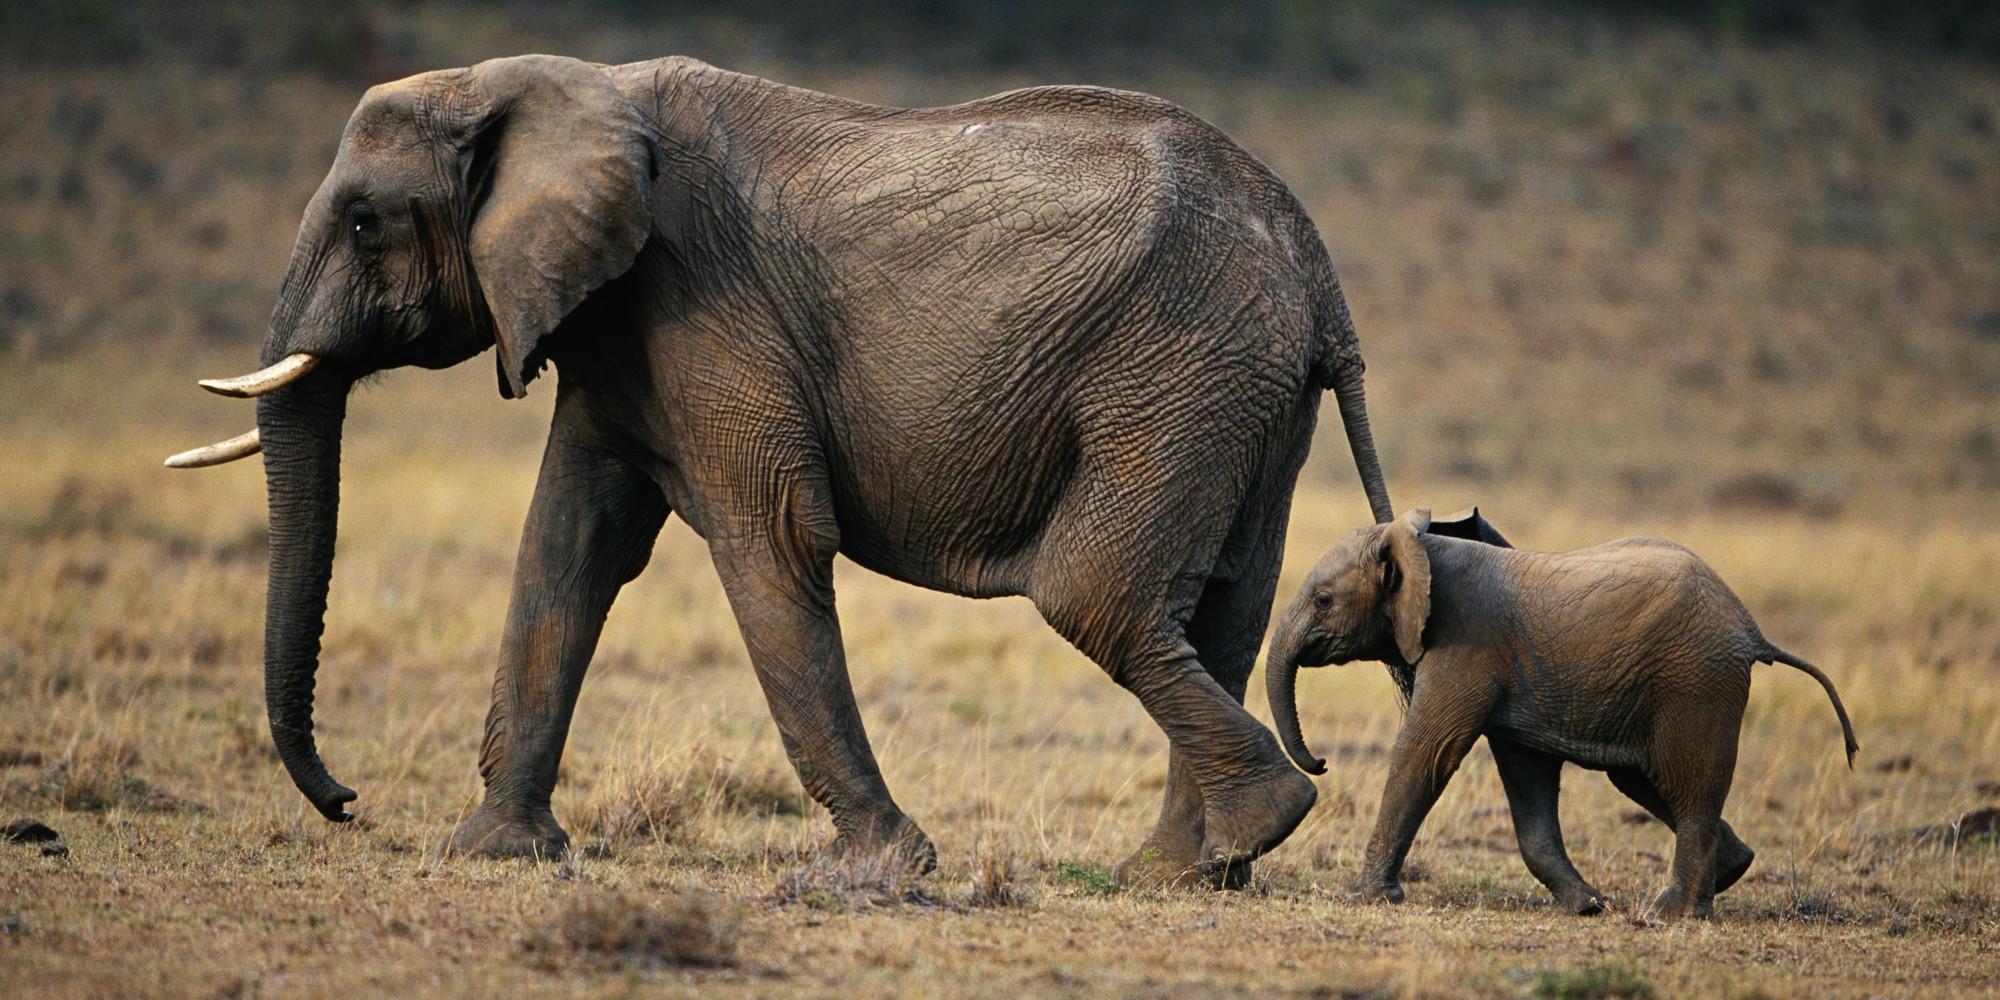 Meglepő dologra jöttek rá a tudósok a nagytestű emlősök szaporodását illetően